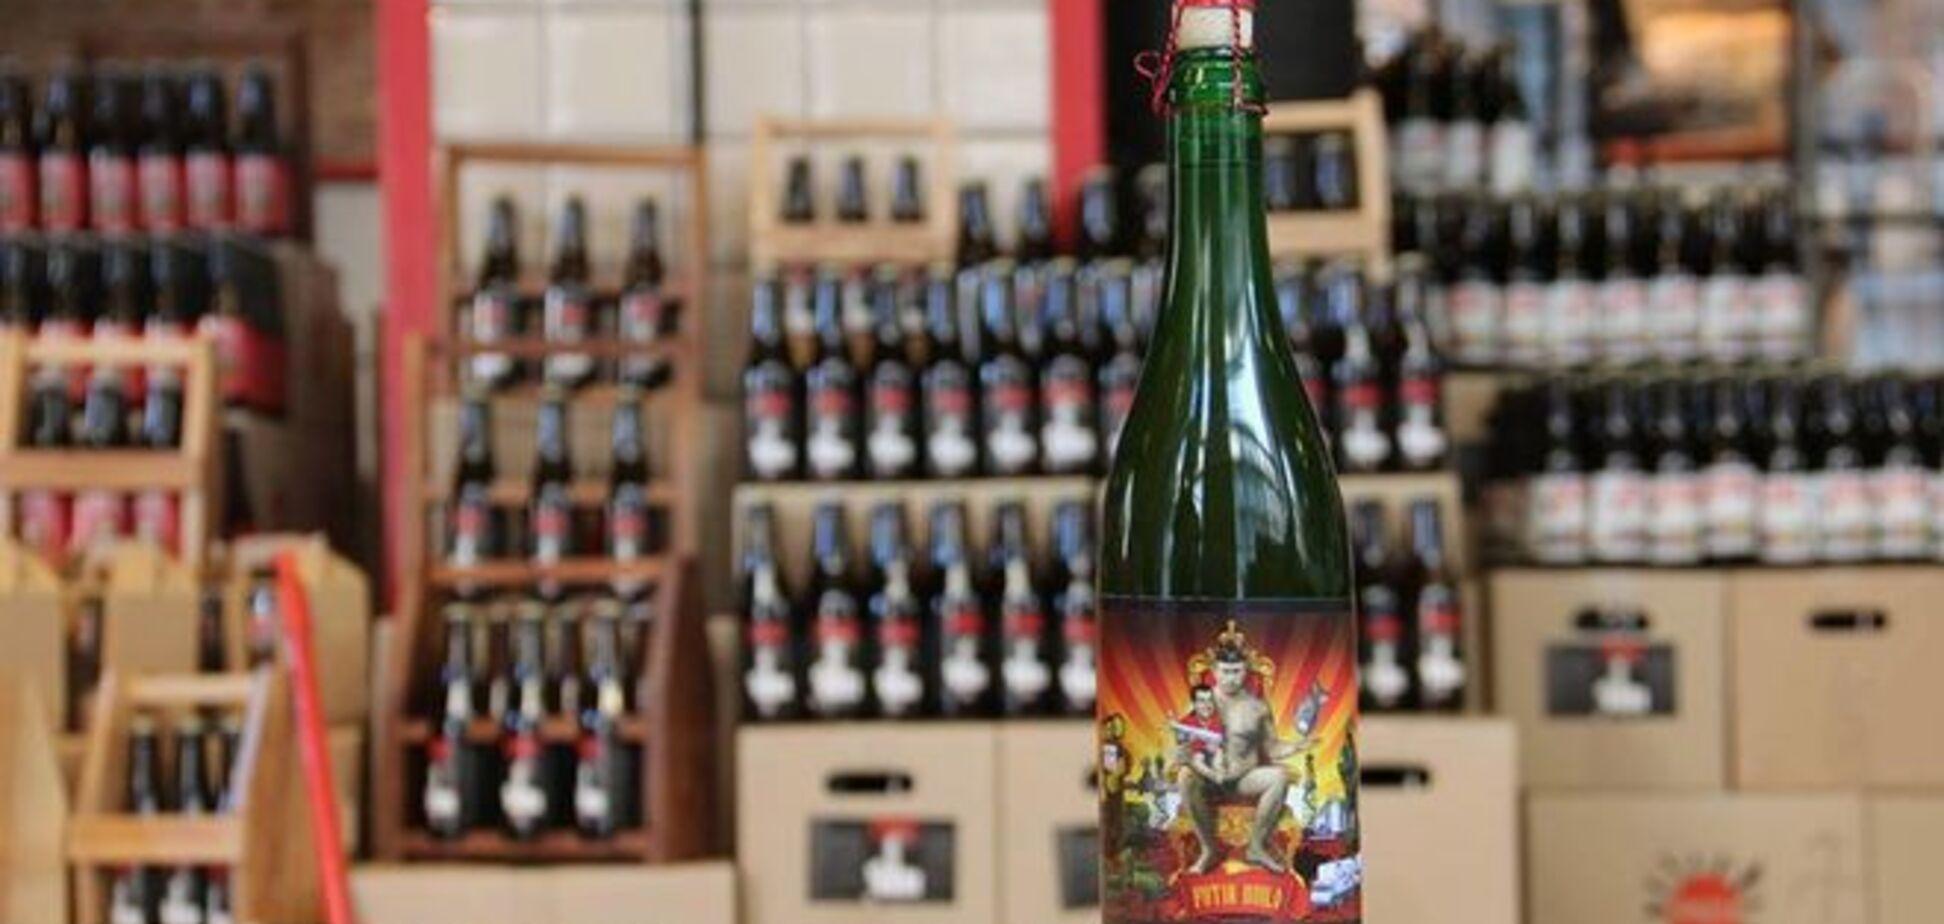 'Putin Huilo'. Во Львове выпустили пиво в честь Путина: фотофакт